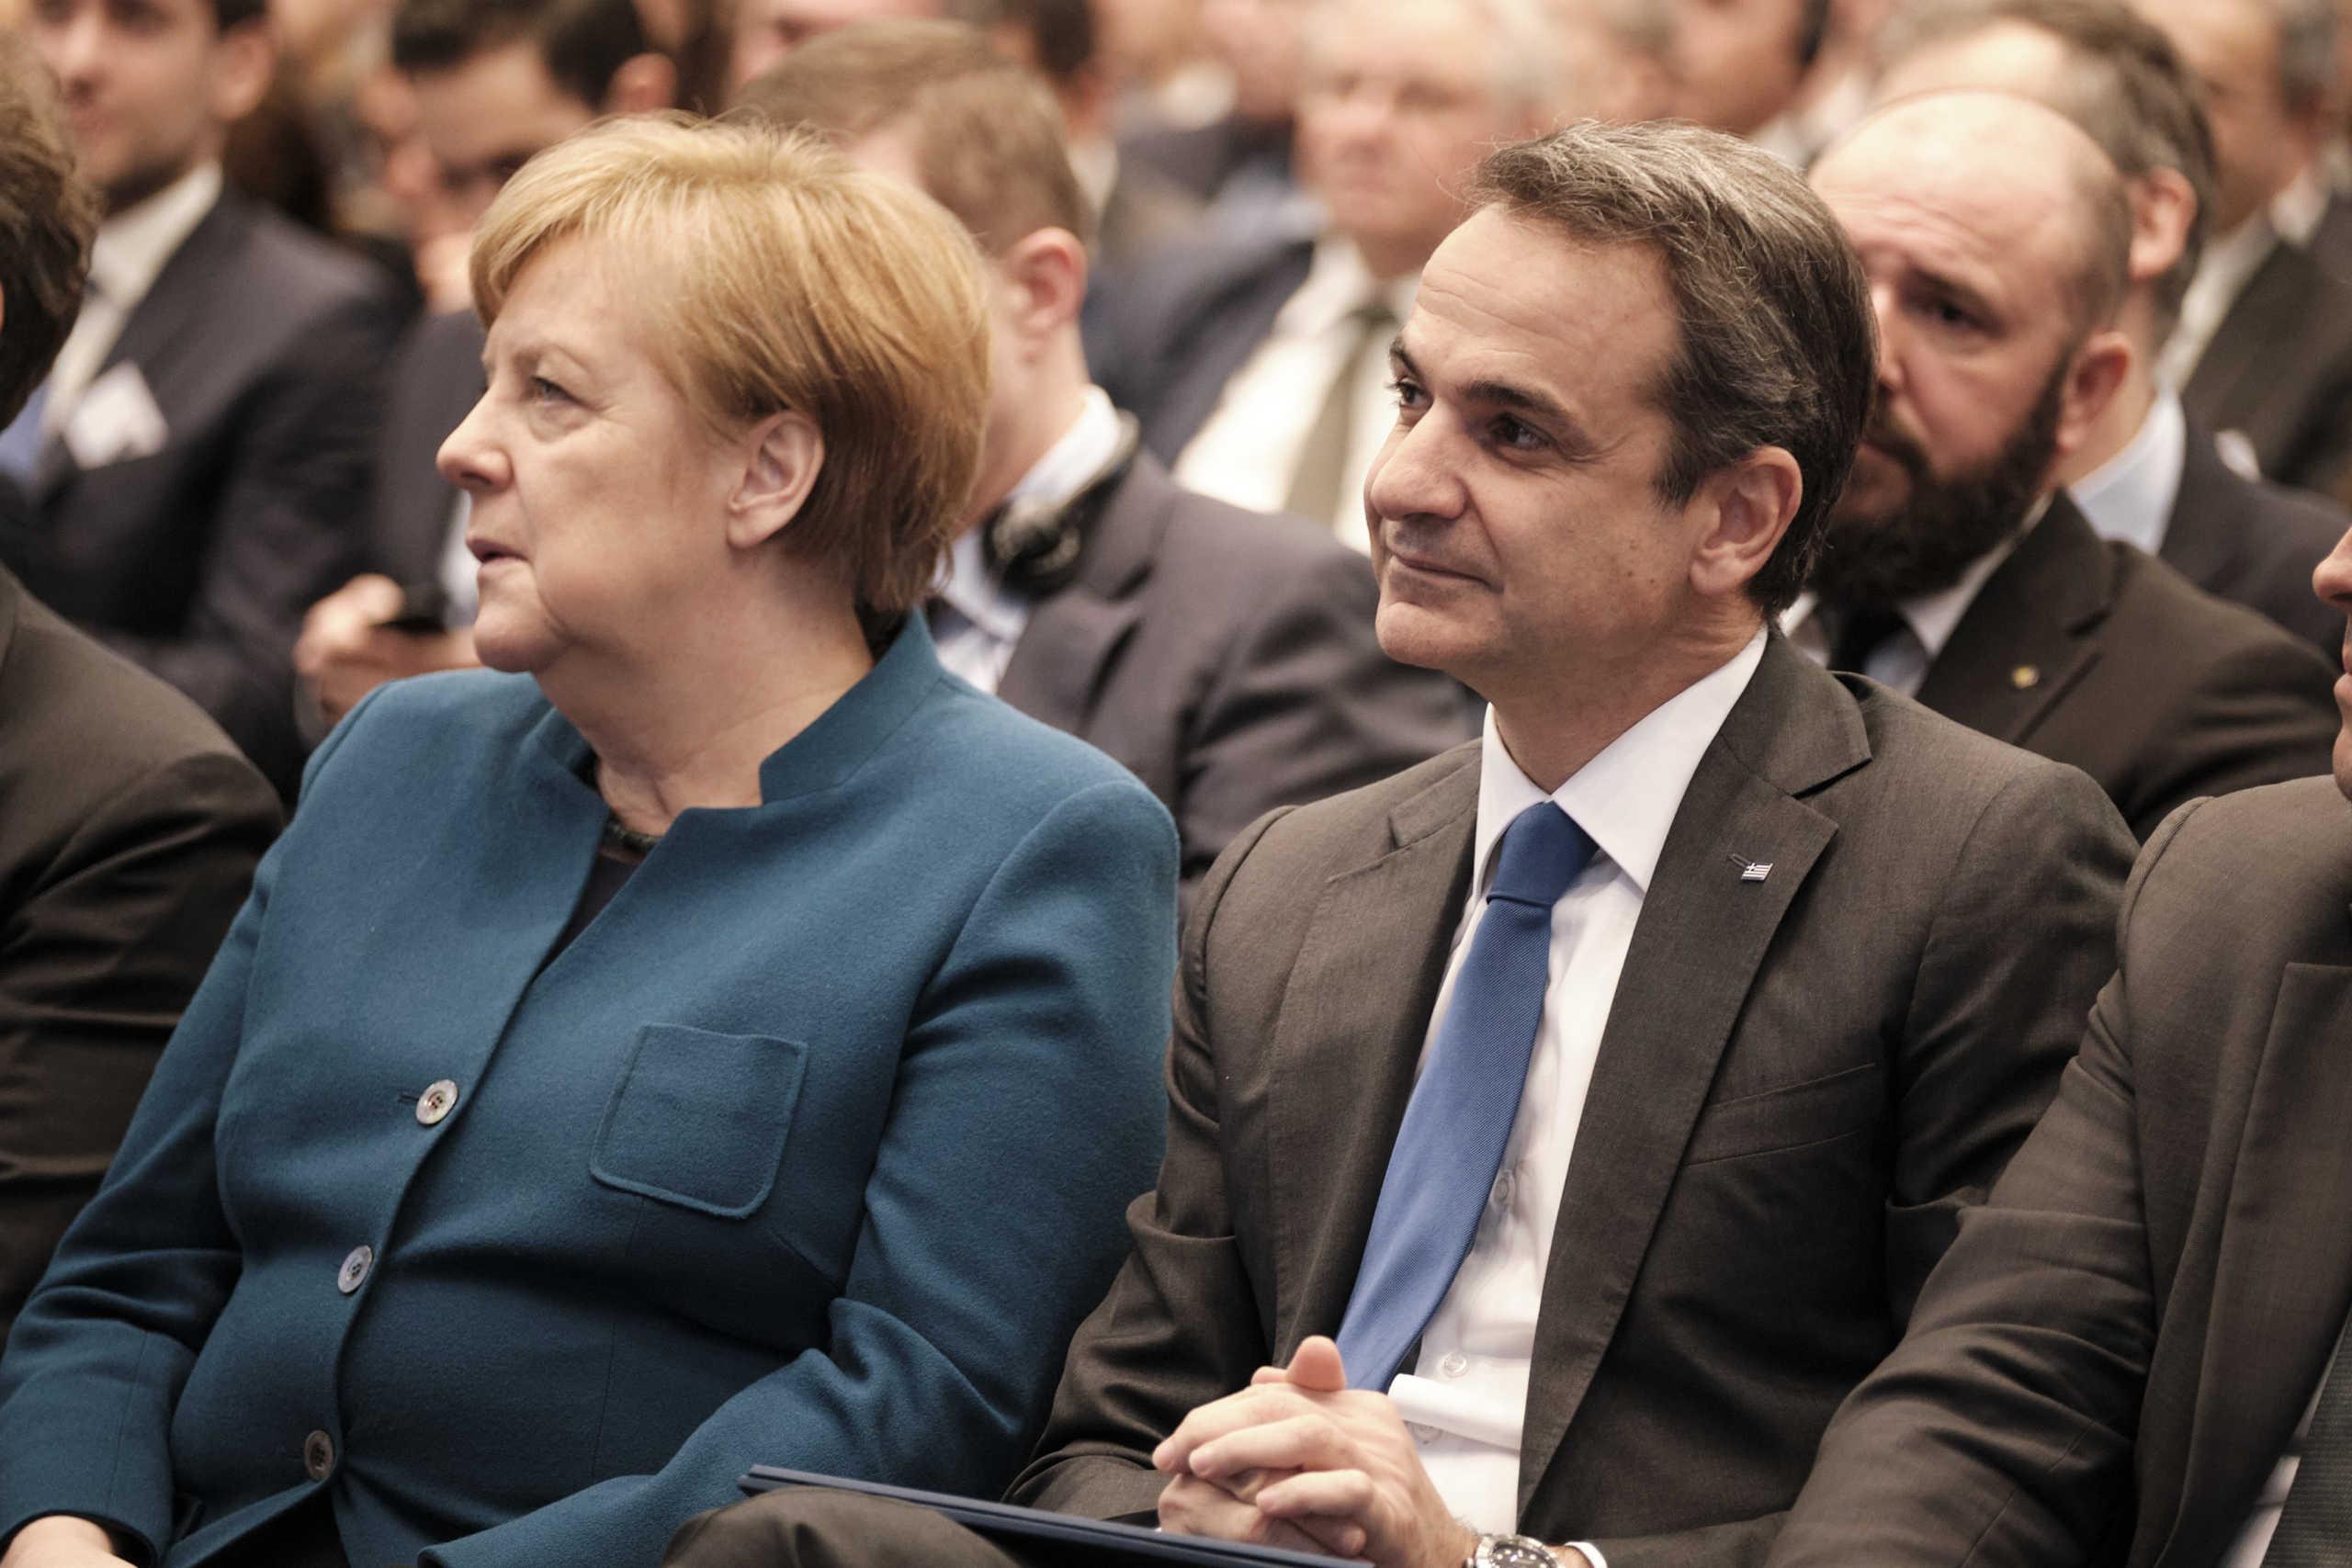 Κοινή γραμμή Μητσοτάκη - Μέρκελ για μεταναστευτικό και Τουρκία - Τι περιμένει η Ελλάδα από εδώ και πέρα